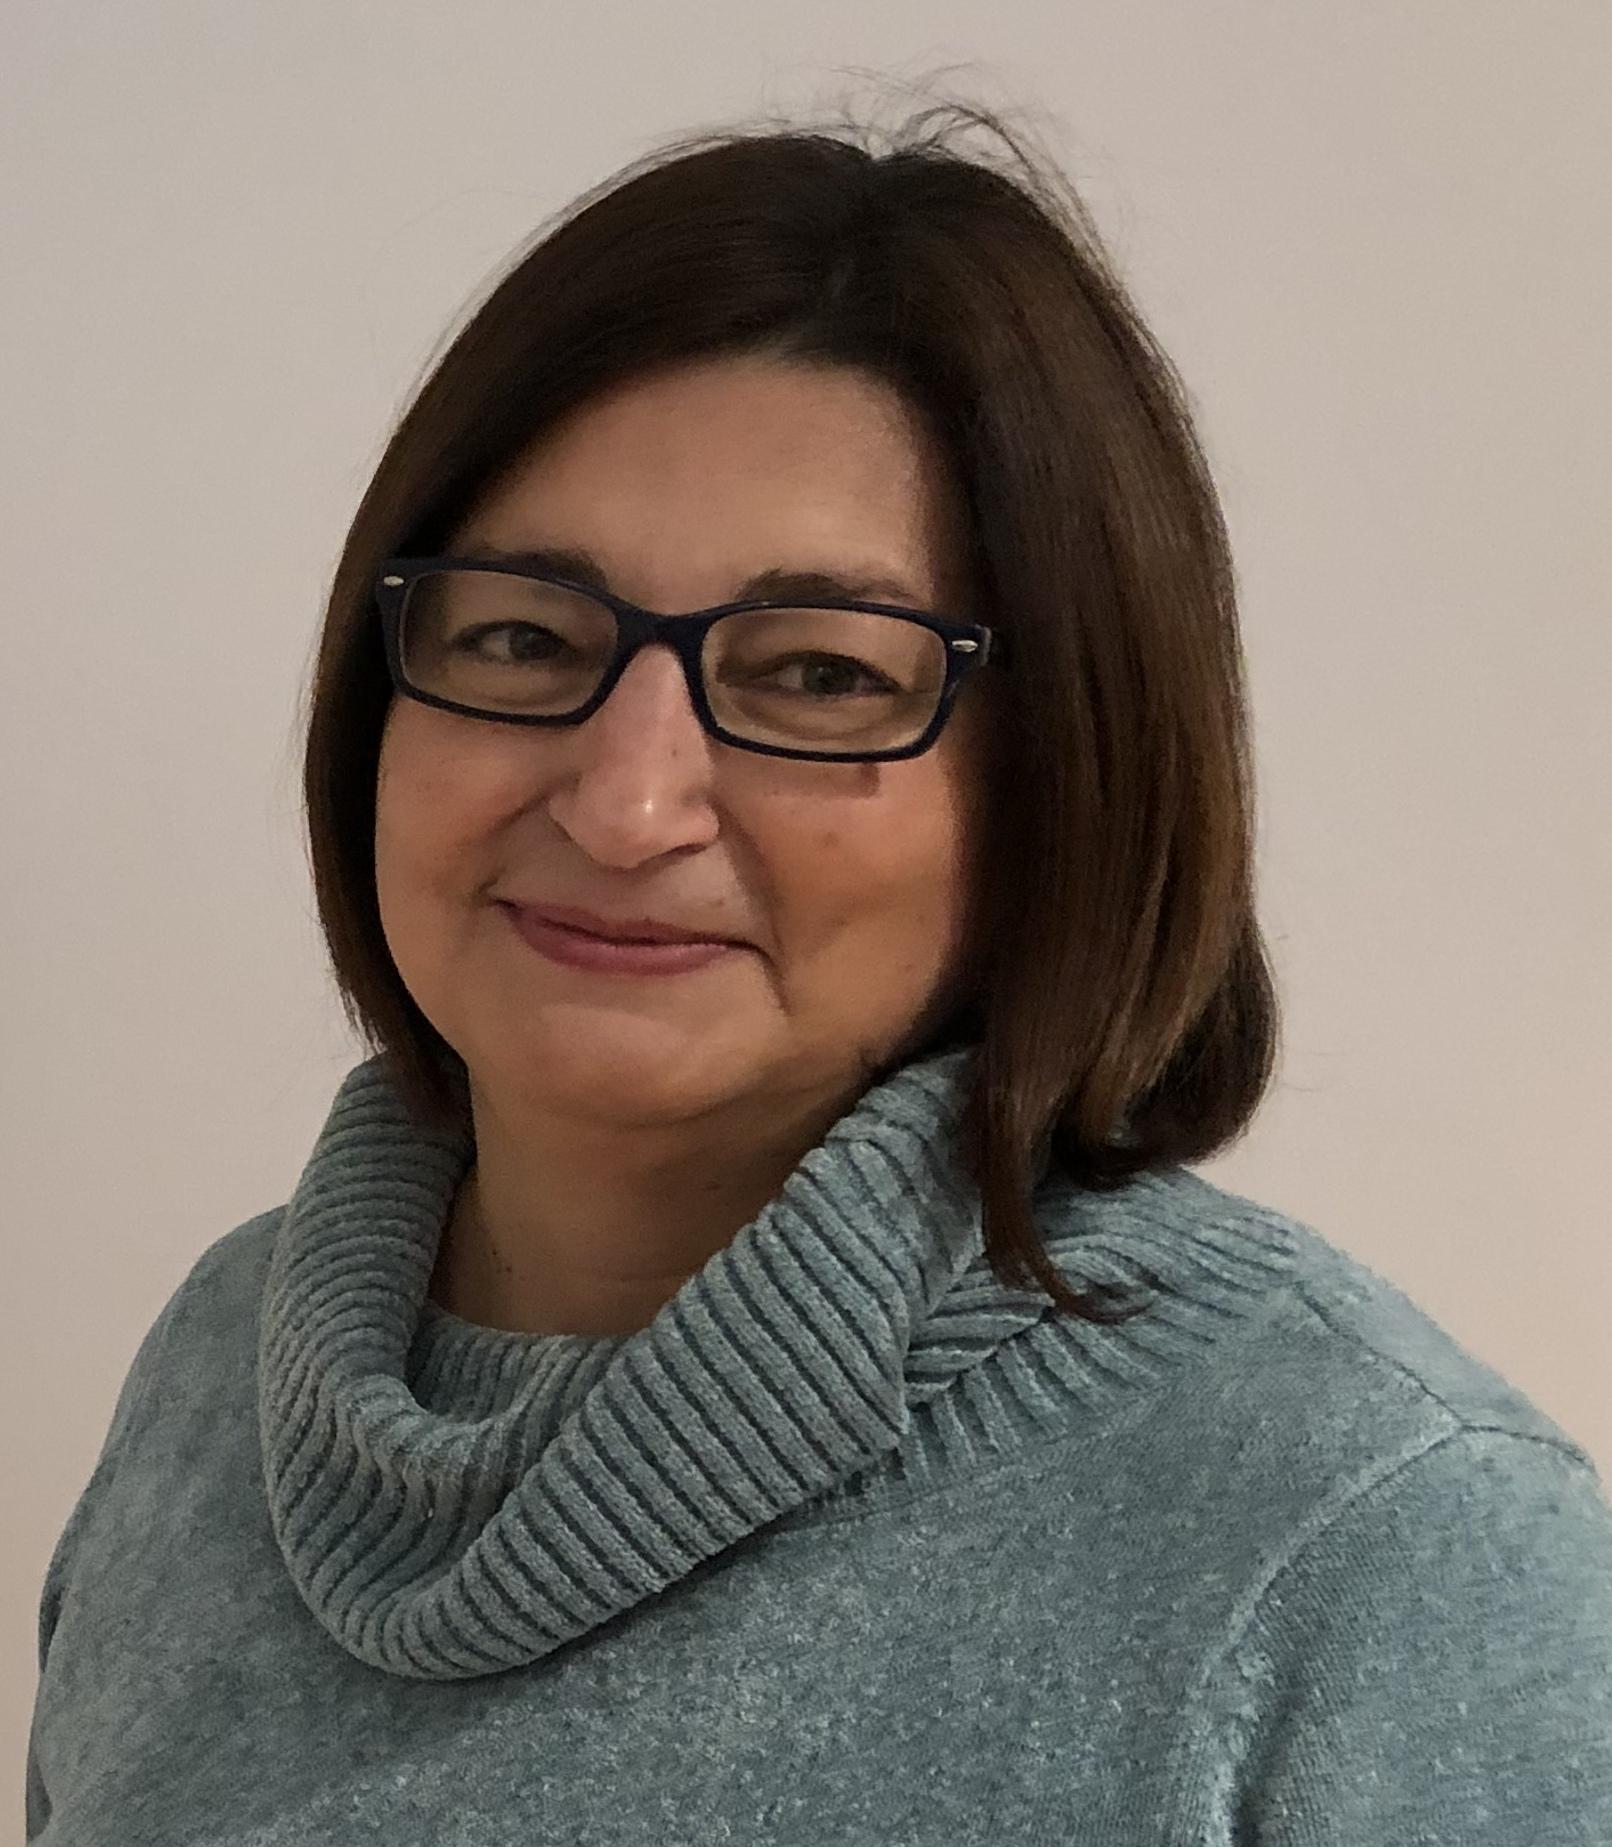 Conferència de María José Guerra Palmero: ¿Quién se acuerda de la justicia global? Desfondamiento de la ciudadanía y vulnerabilidad tecno-eco-social | 8 juny 2019 18h #Avivament2019 #Streaming